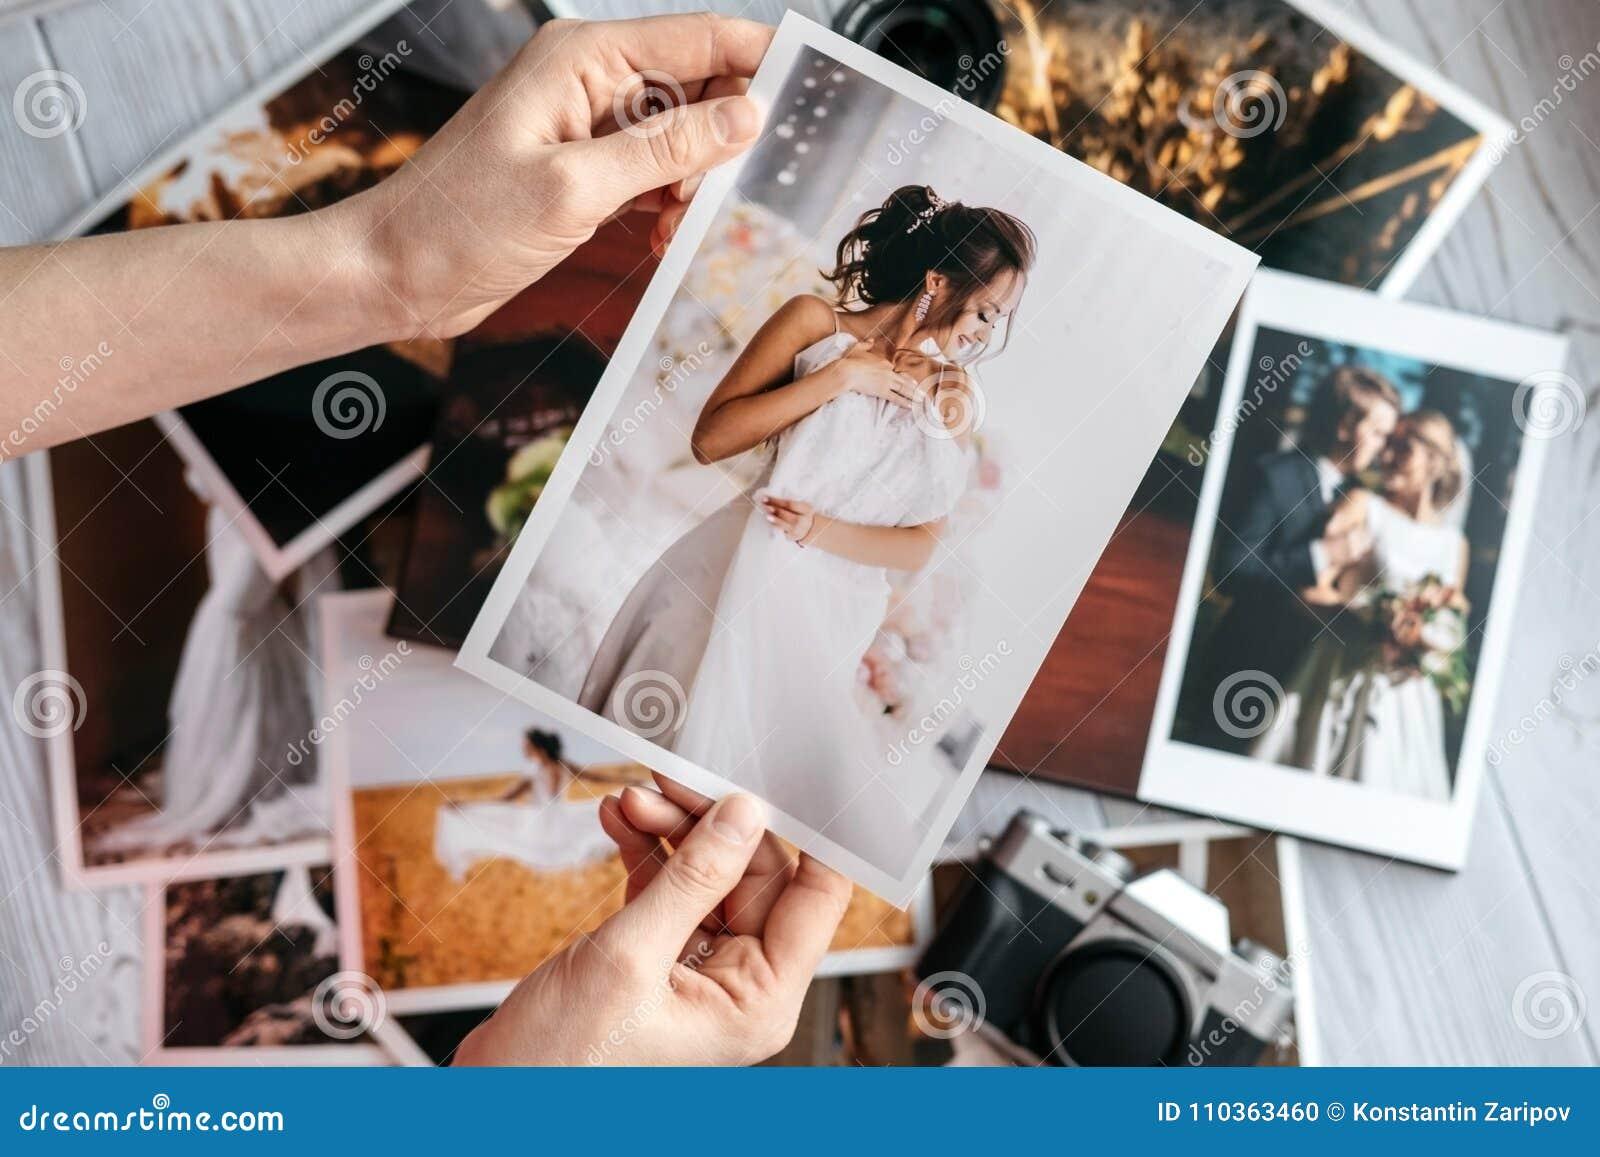 Foto stampate di nozze con la sposa e lo sposo, una macchina fotografica nera d annata e mani della donna con la foto